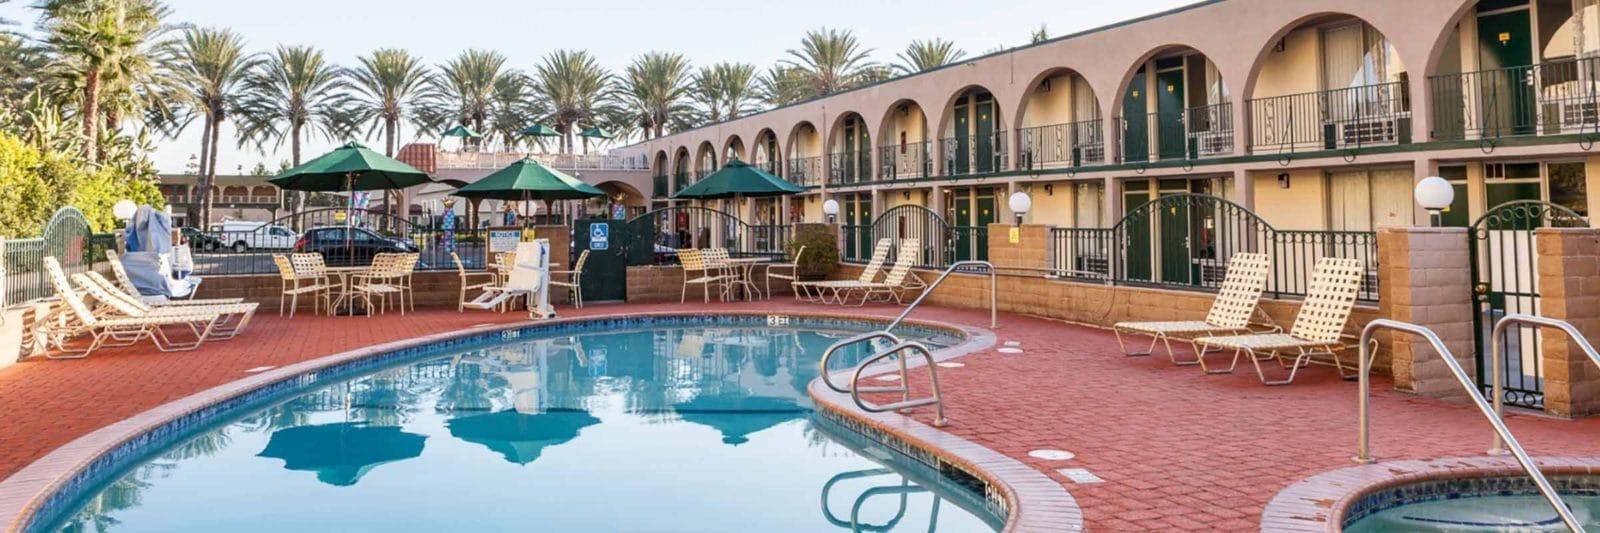 Kings Inn Anaheim Hotel Near Disneyland Best Value Anaheim